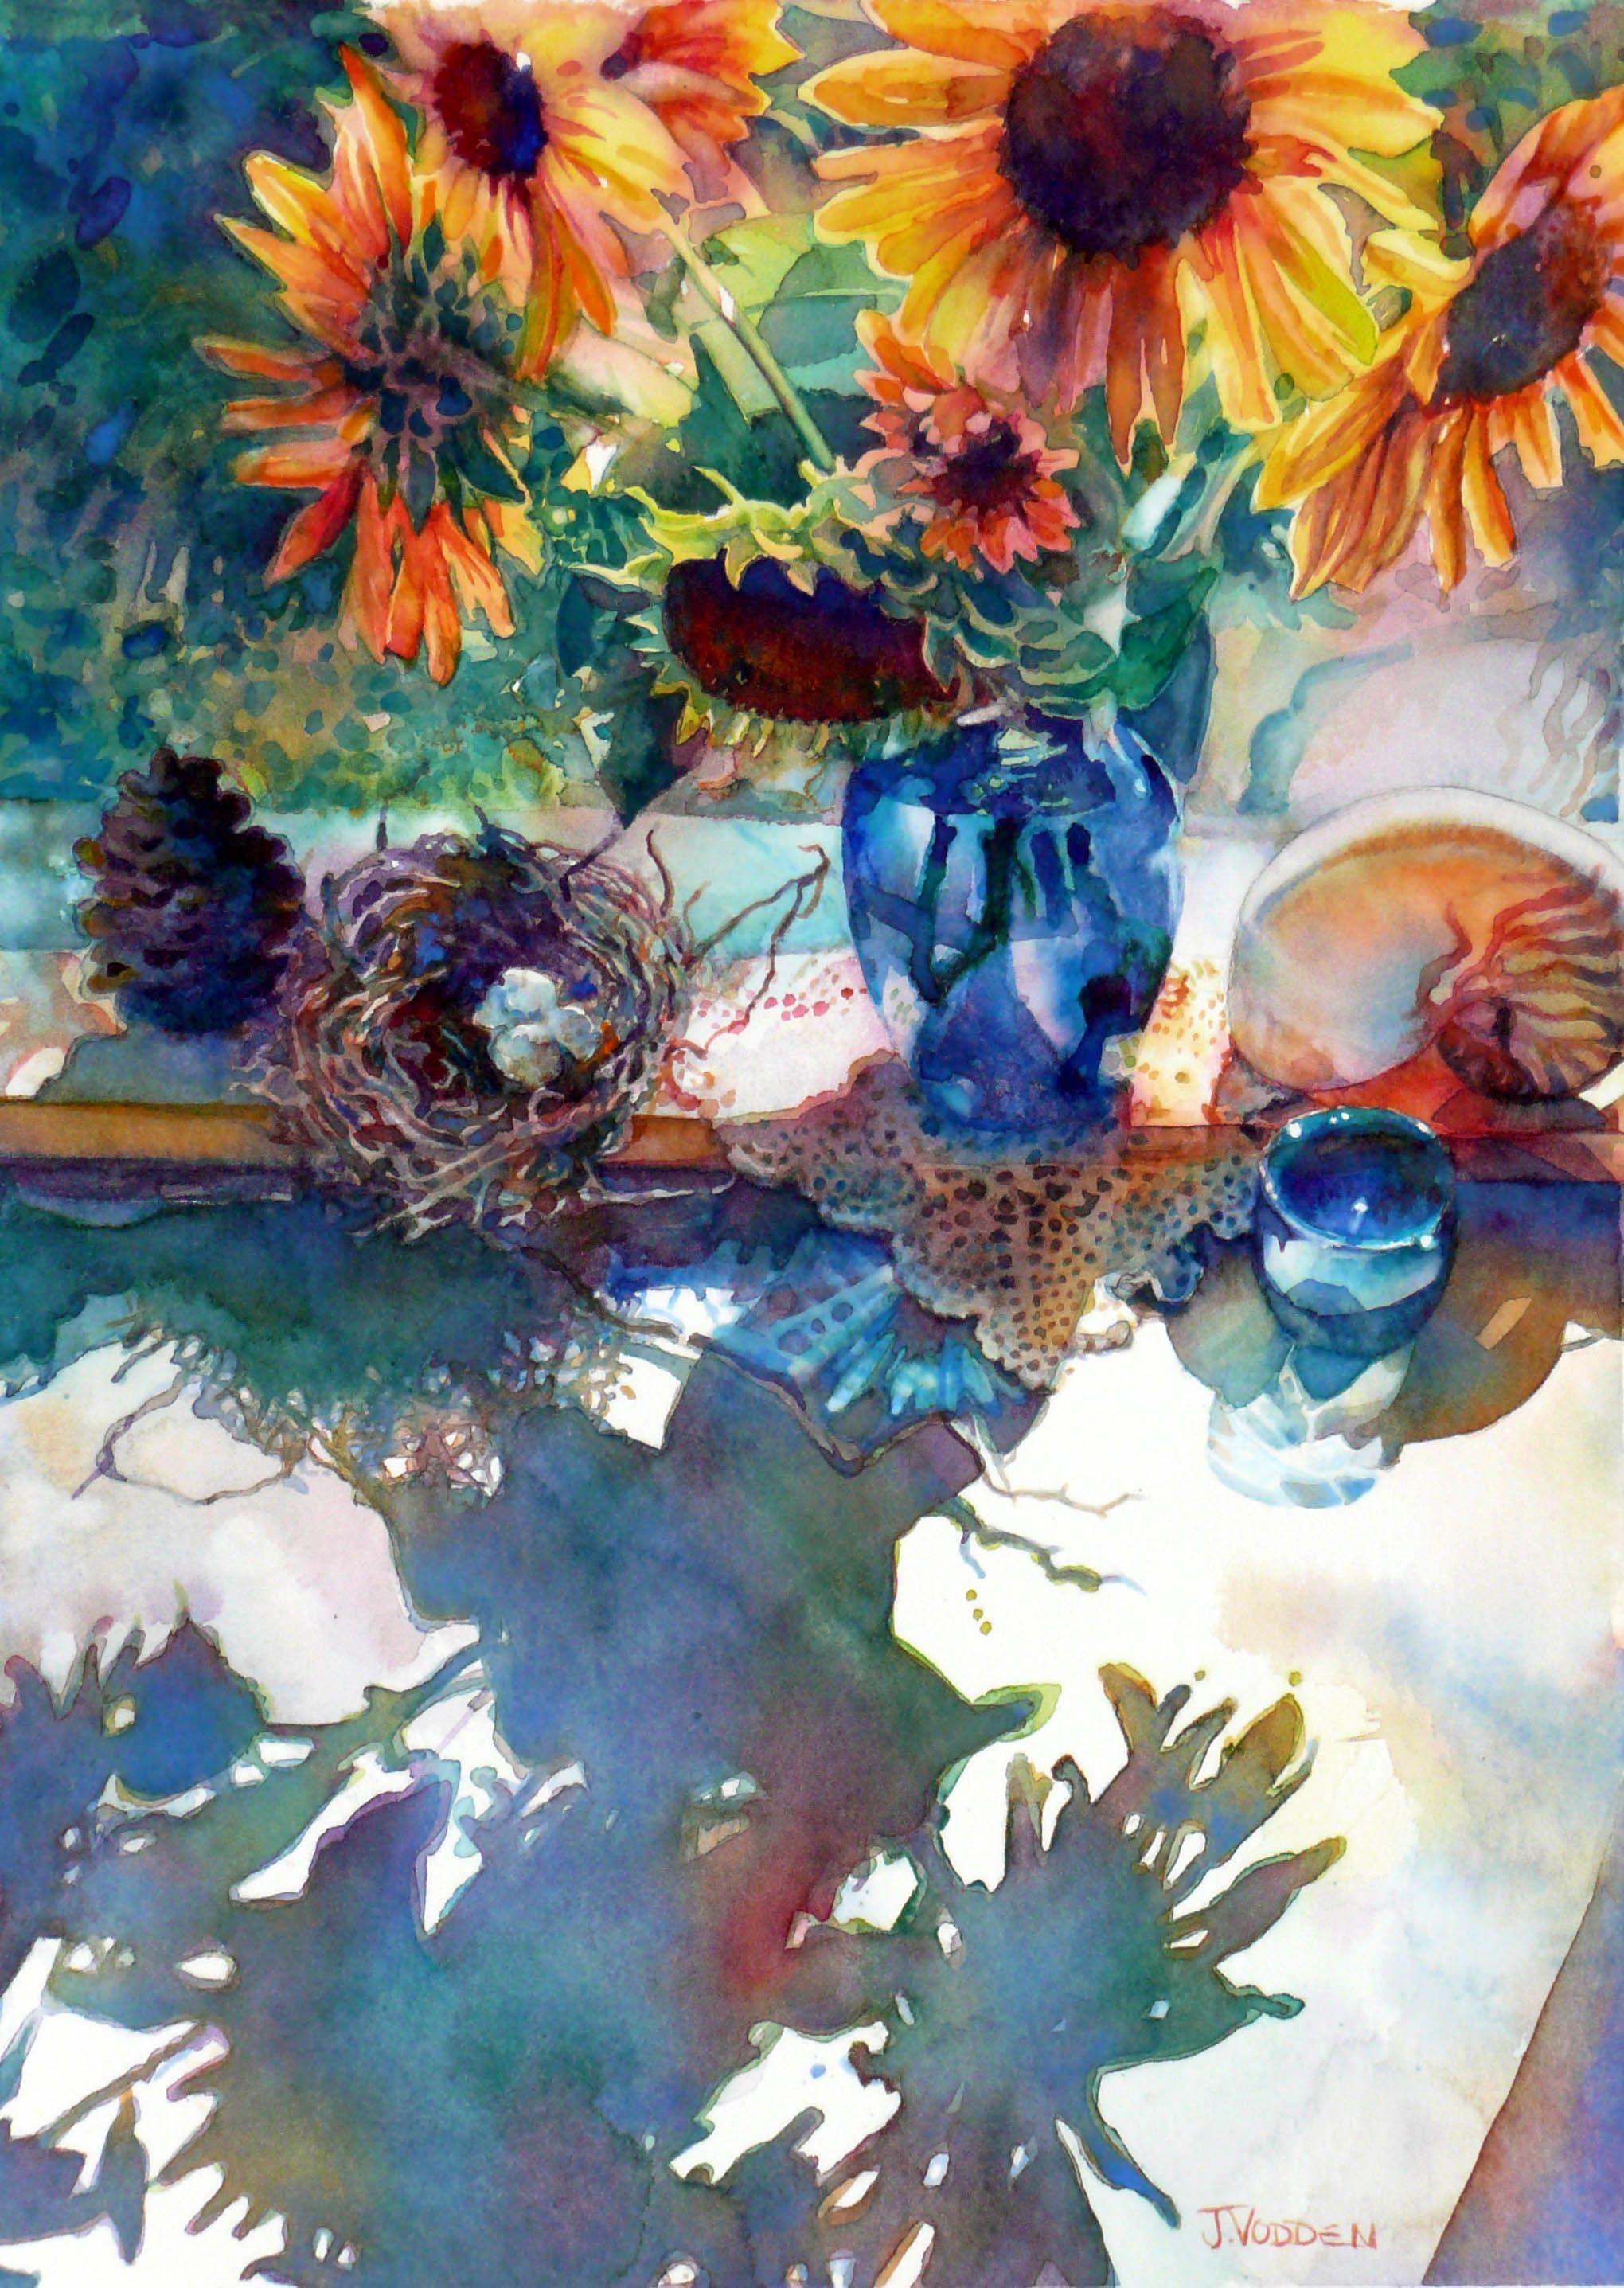 Light effects - Jeannie Vodden.